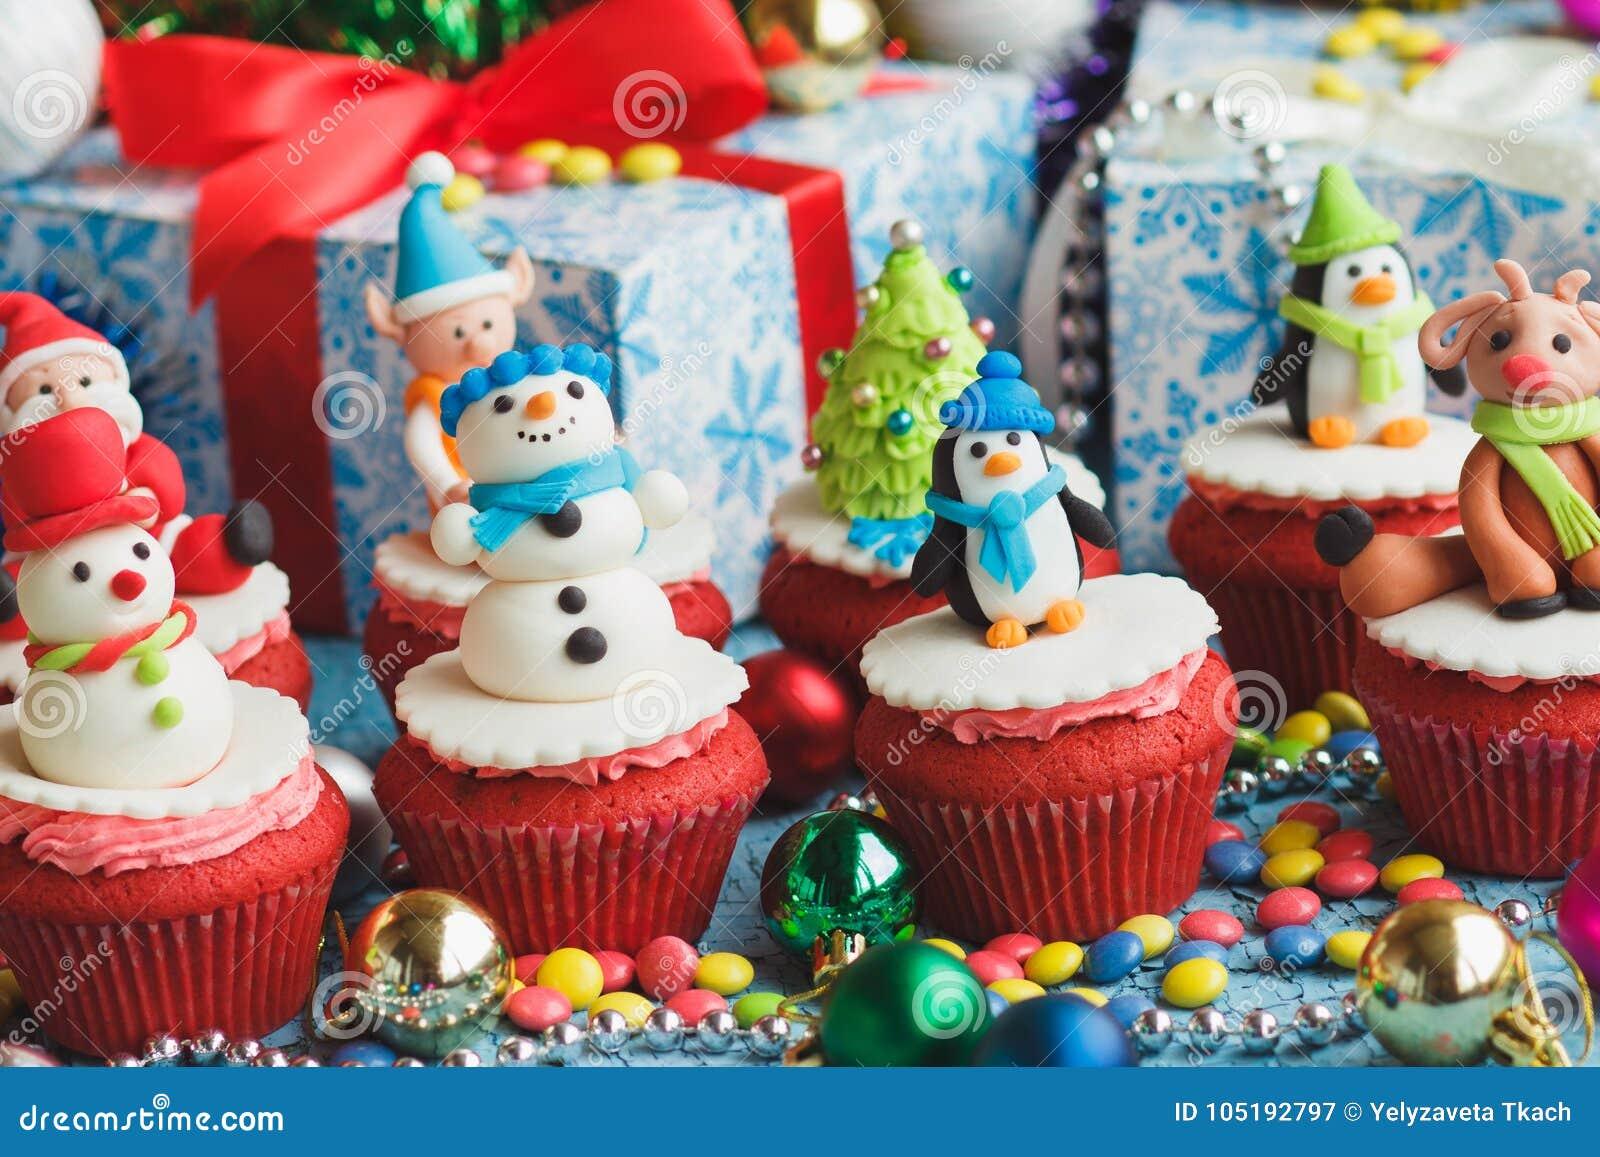 Kerstmis cupcakes met gekleurde decoratie stock afbeelding for Decoratie cupcakes